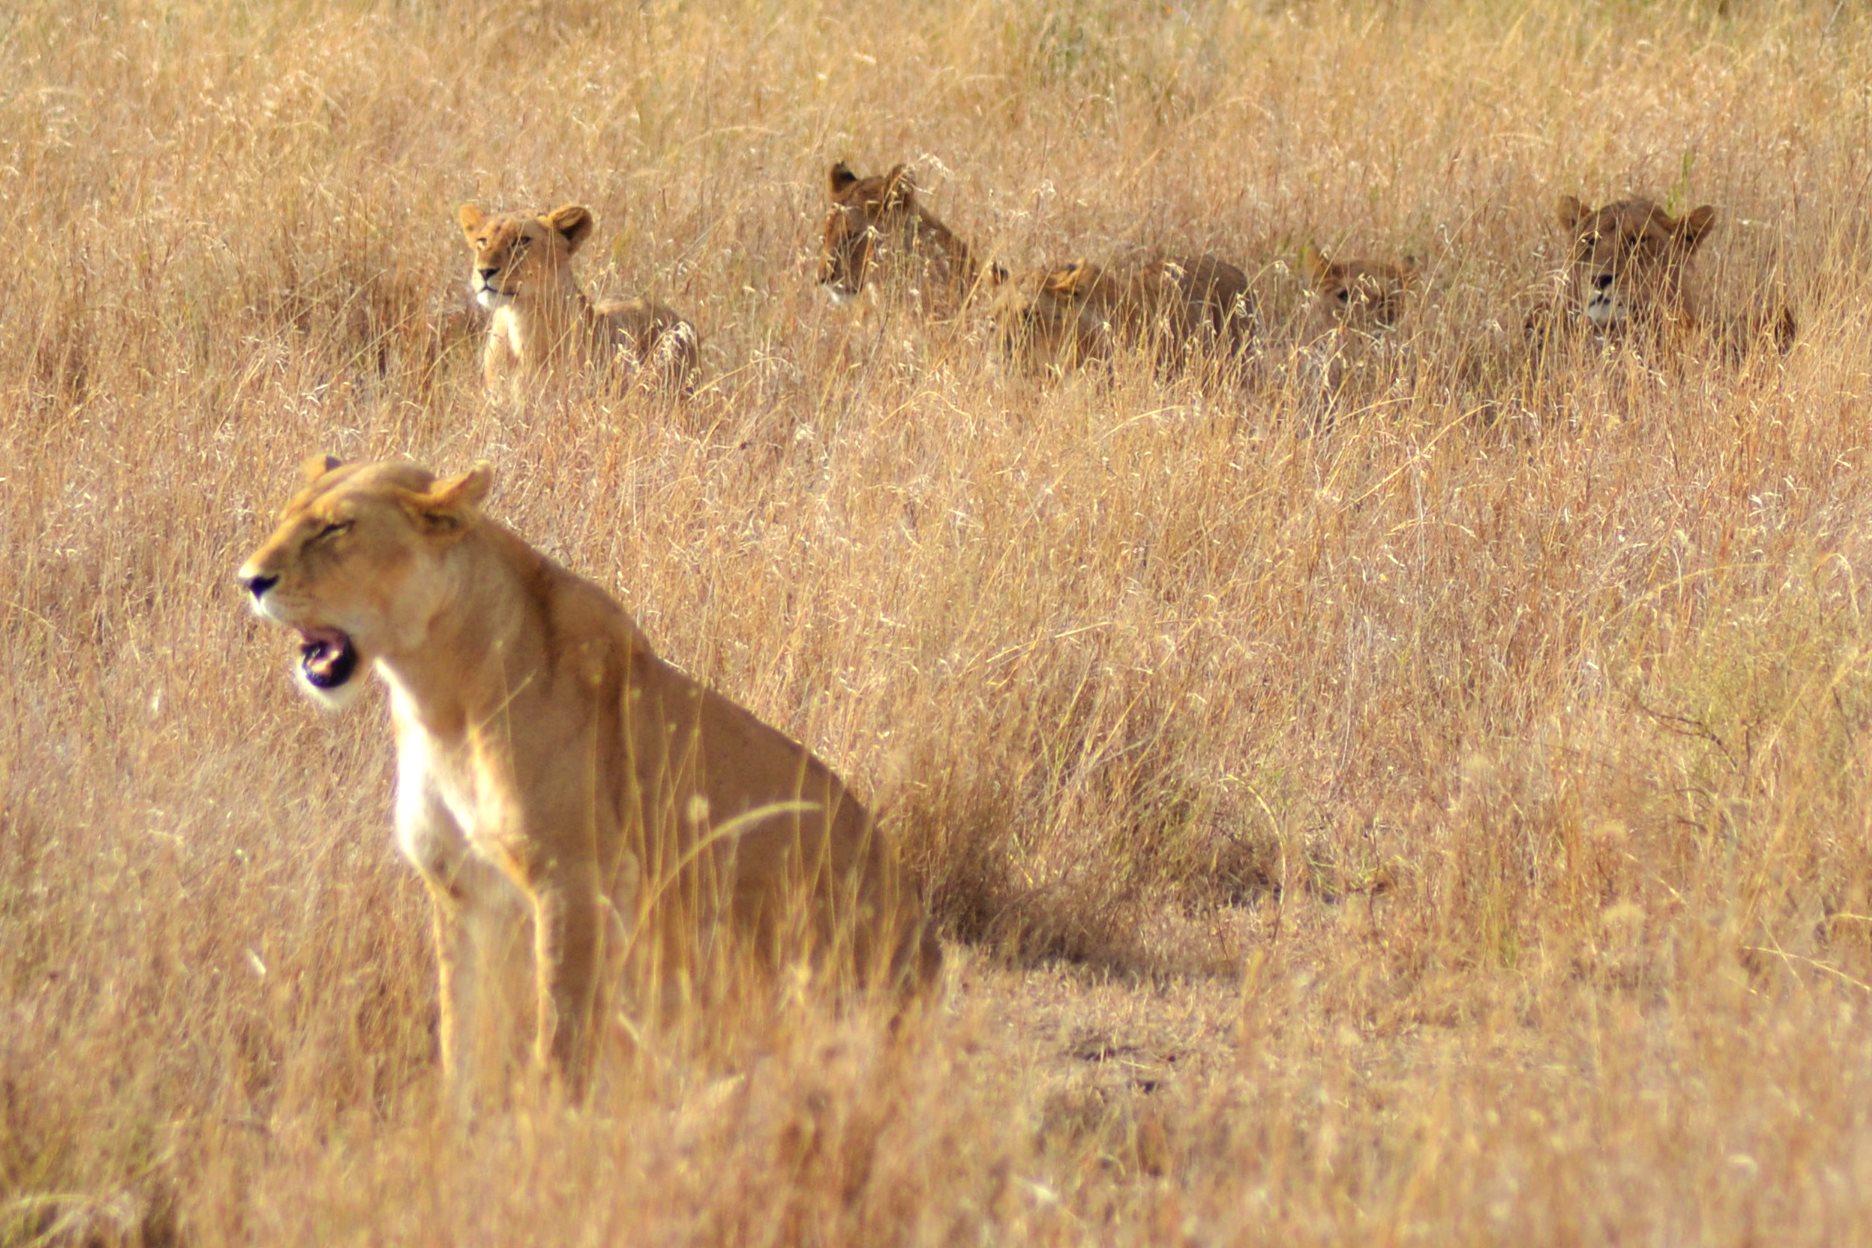 safari_tanzania_serengeti_5